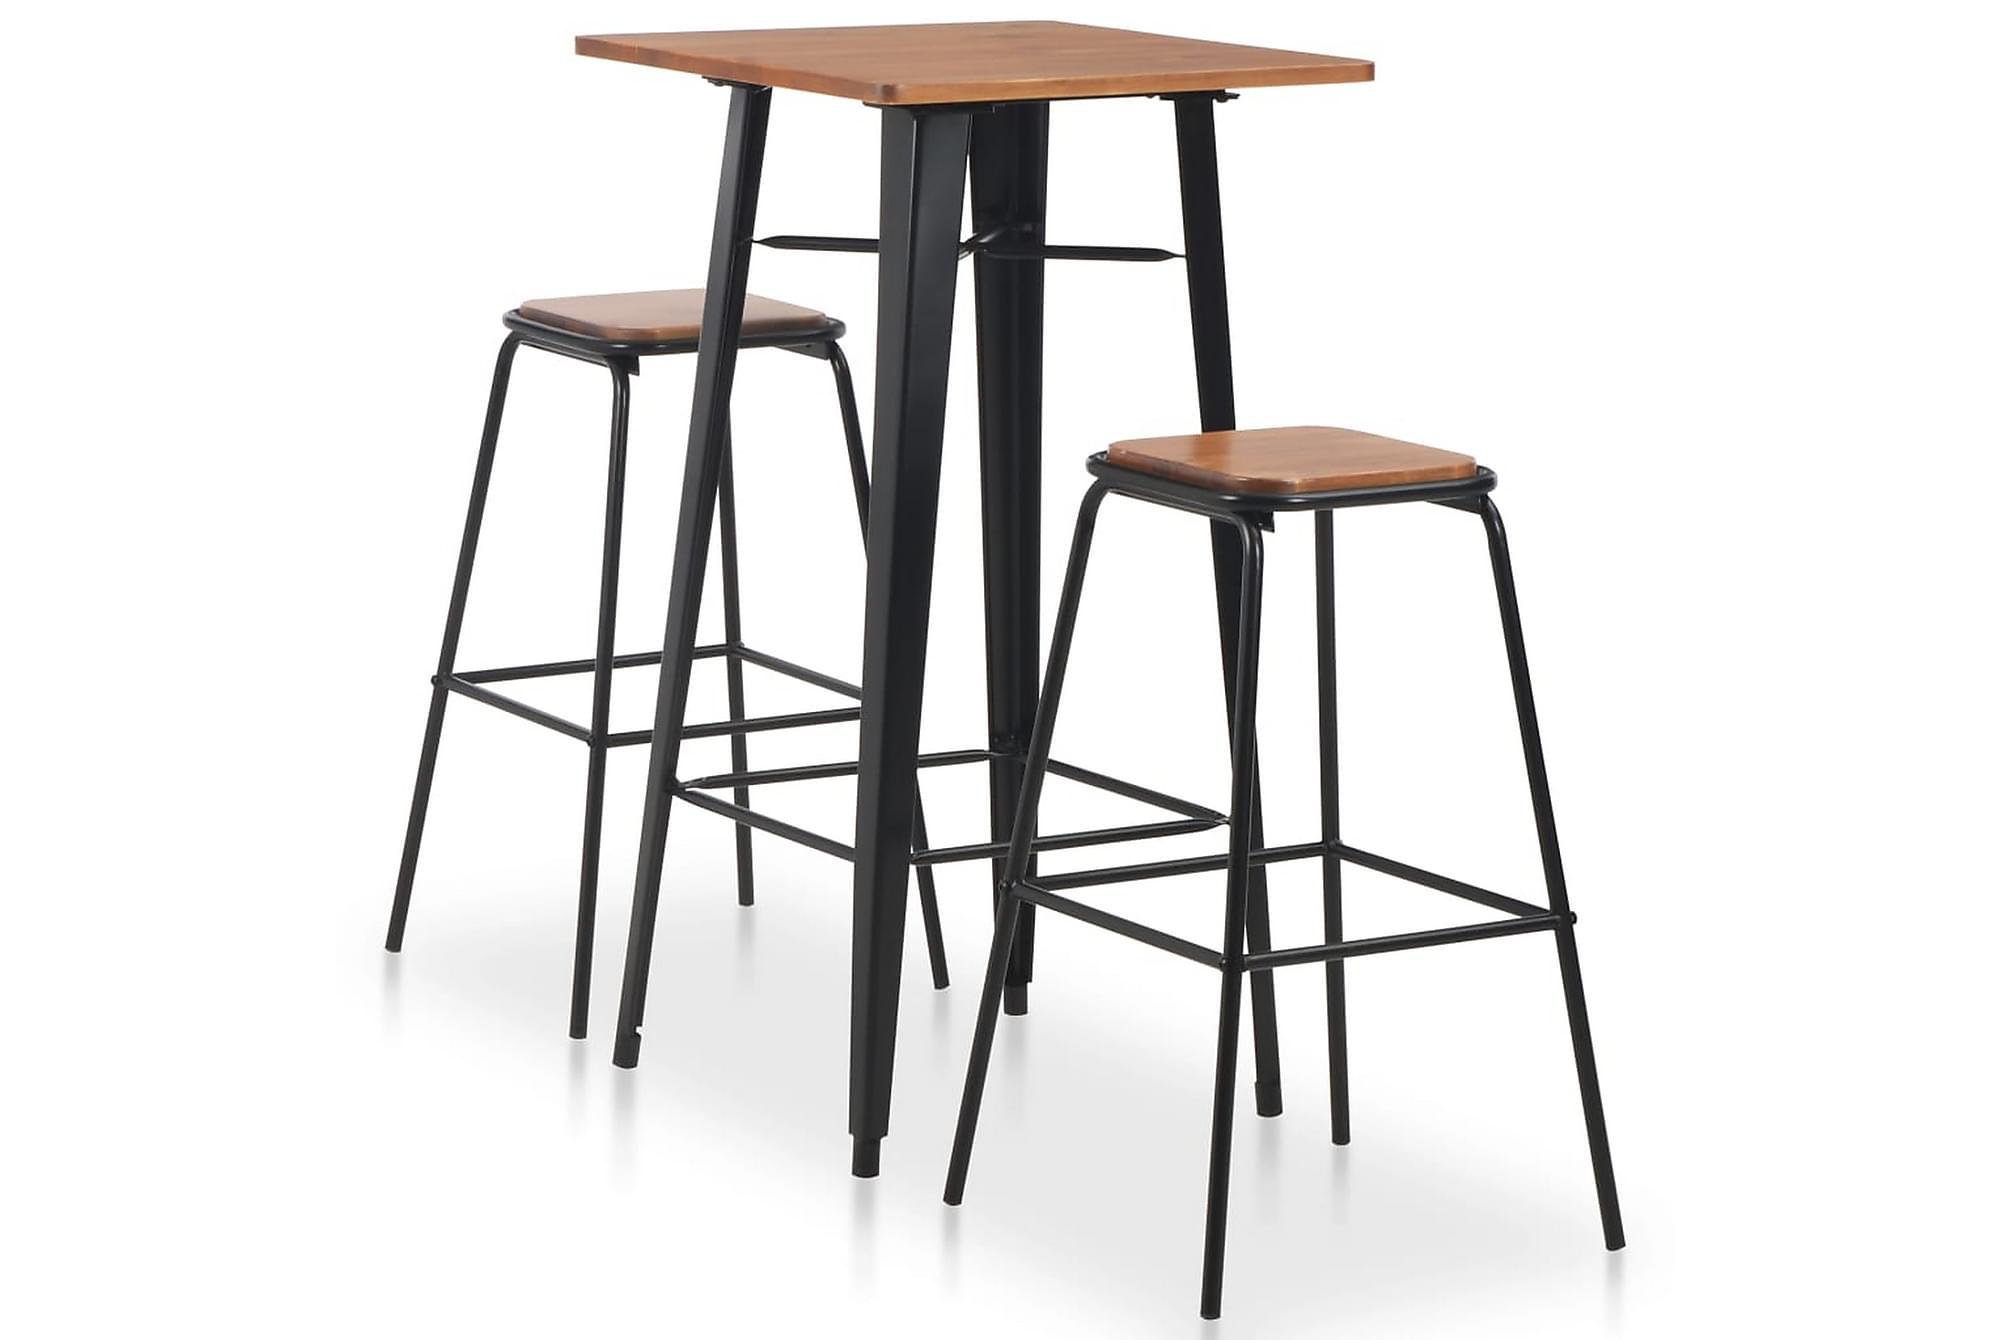 Bargrupp 3 delar stål svart brun, Möbelset för kök & matplats